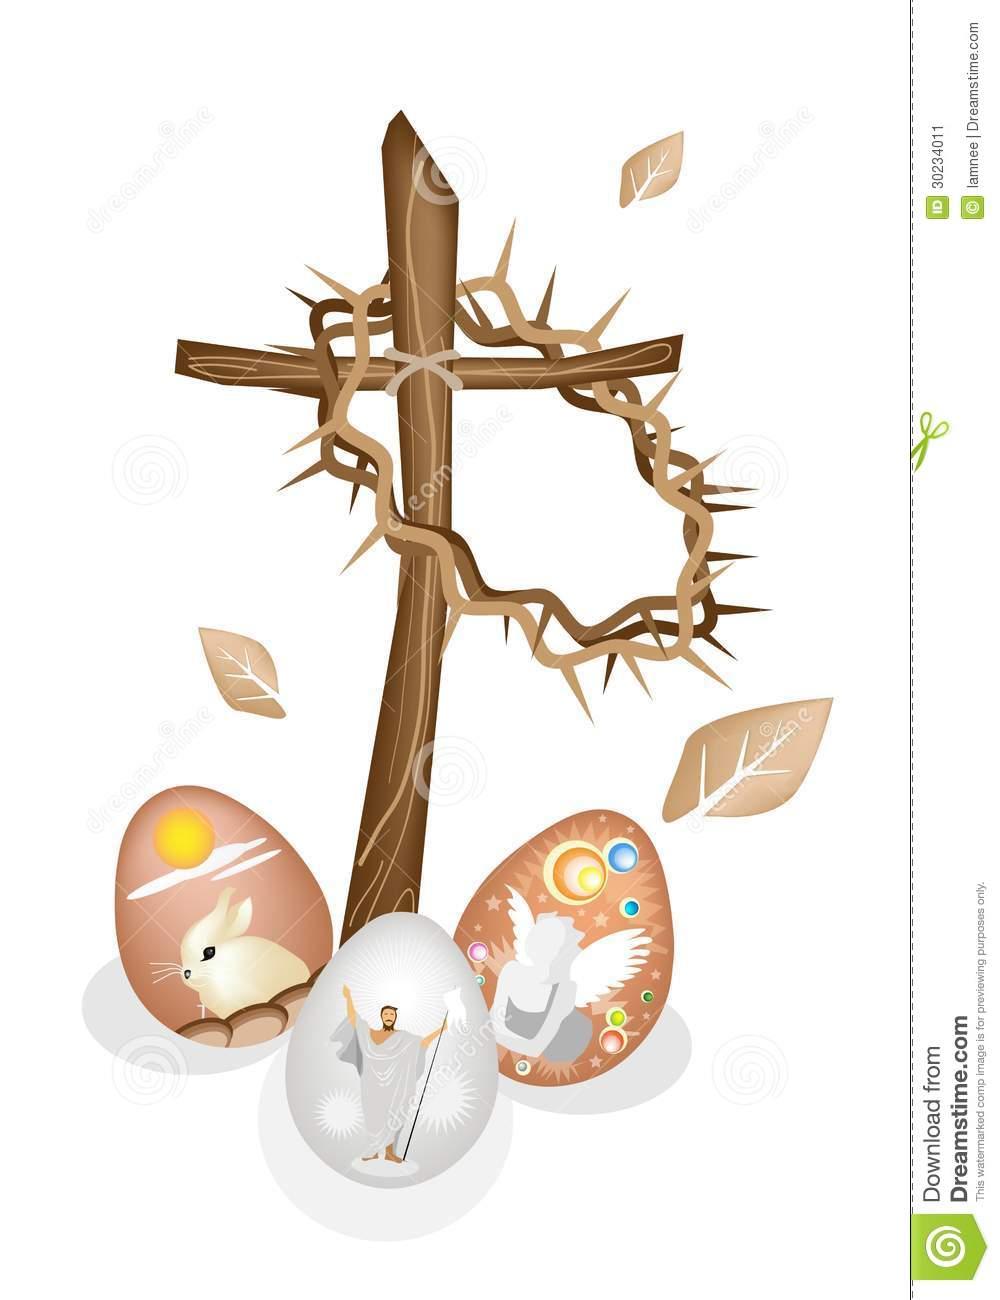 Easter egg cross clipart freeuse stock Easter eggs clipart christian - ClipartFest freeuse stock